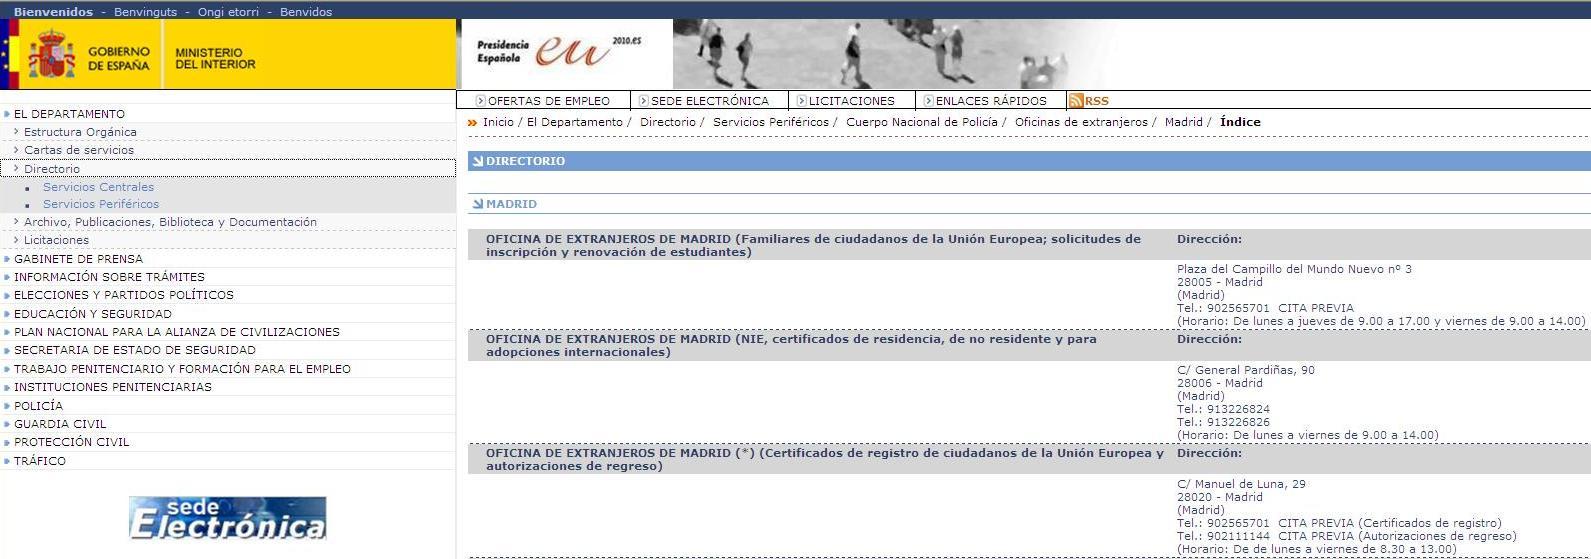 Tugasmadrid informa o para portugueses em madrid www for Oficina de extranjeros madrid